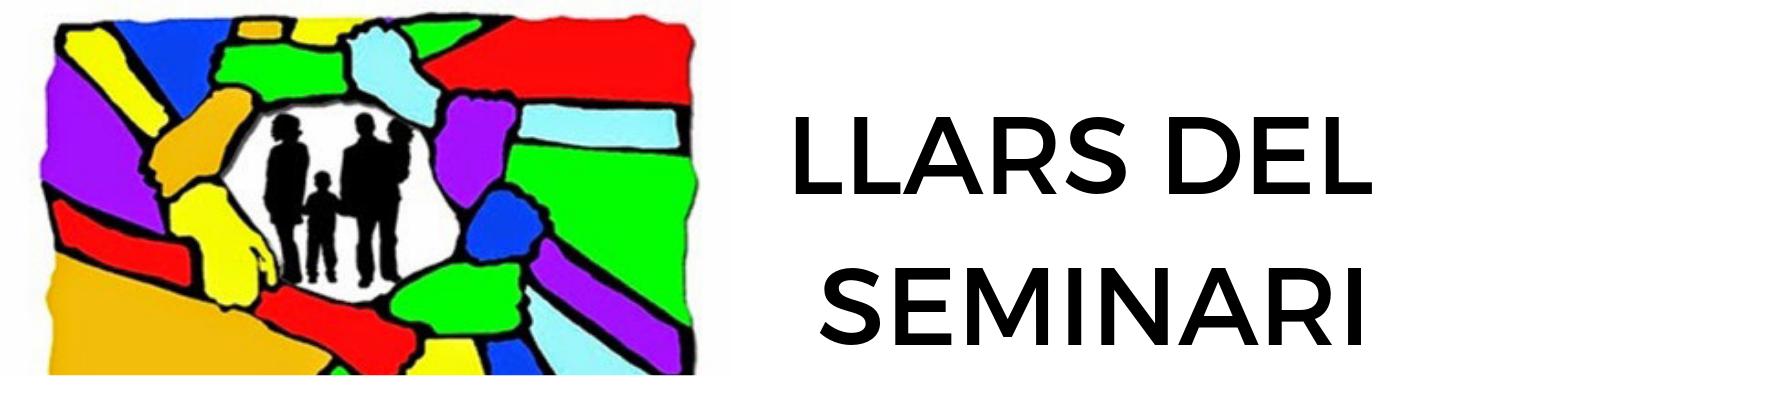 public://Banners/seminari.png